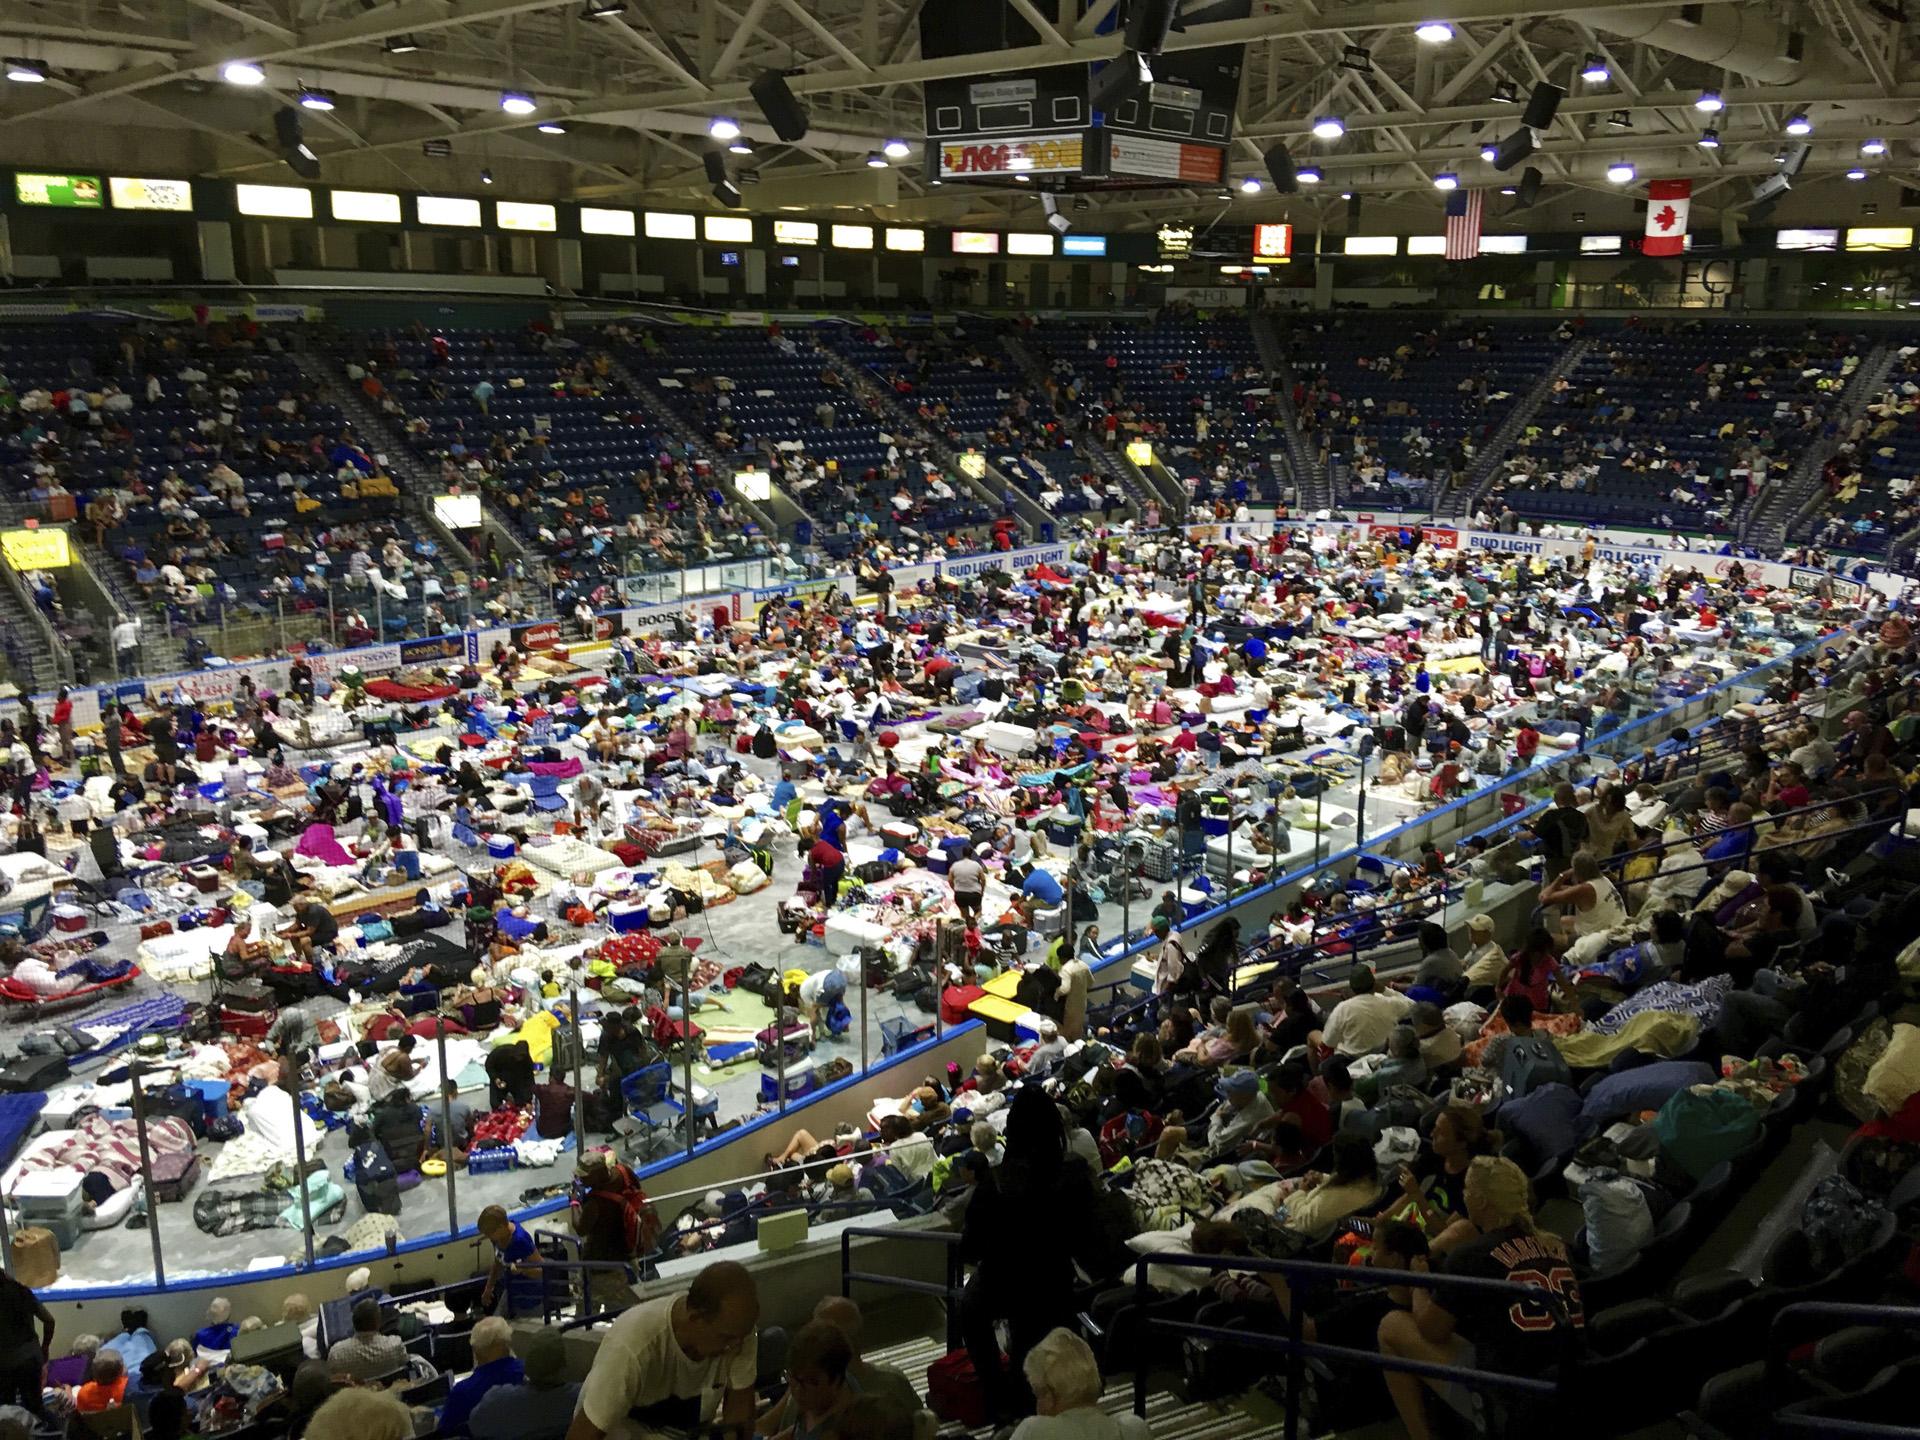 Los evacuados llenan el Germain Arena, que se está utilizando como refugio contra la lluvia radioactiva, antes del arribo del huracán Irma, en Estero, Florida, el sábado 9 de septiembre de 2017. (AP)